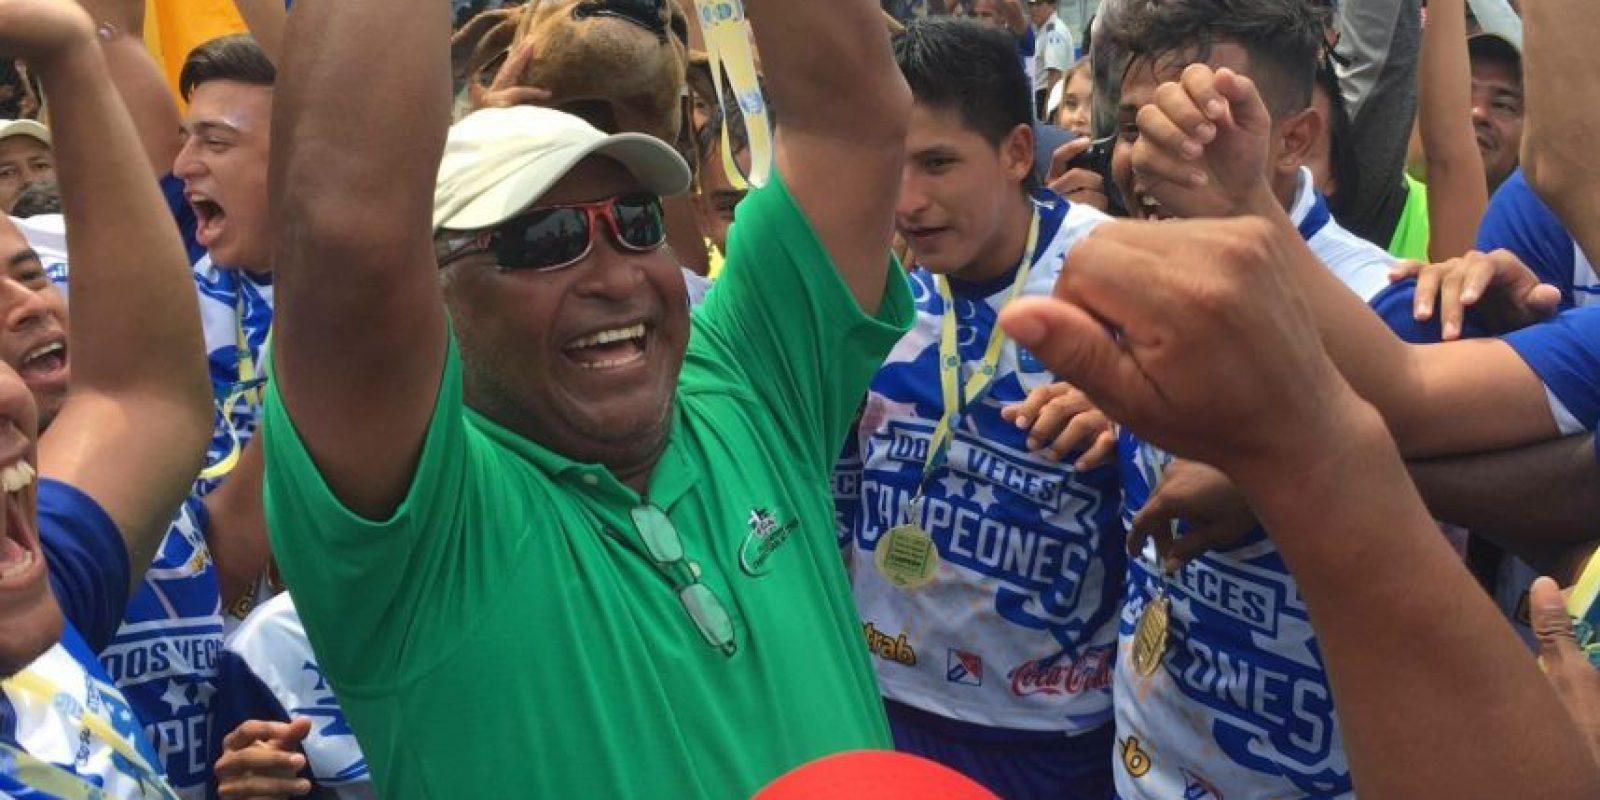 El técnico que logró el cetro del Clausura 2016 con los venados fue cesado de su cargo. Foto:Publinews